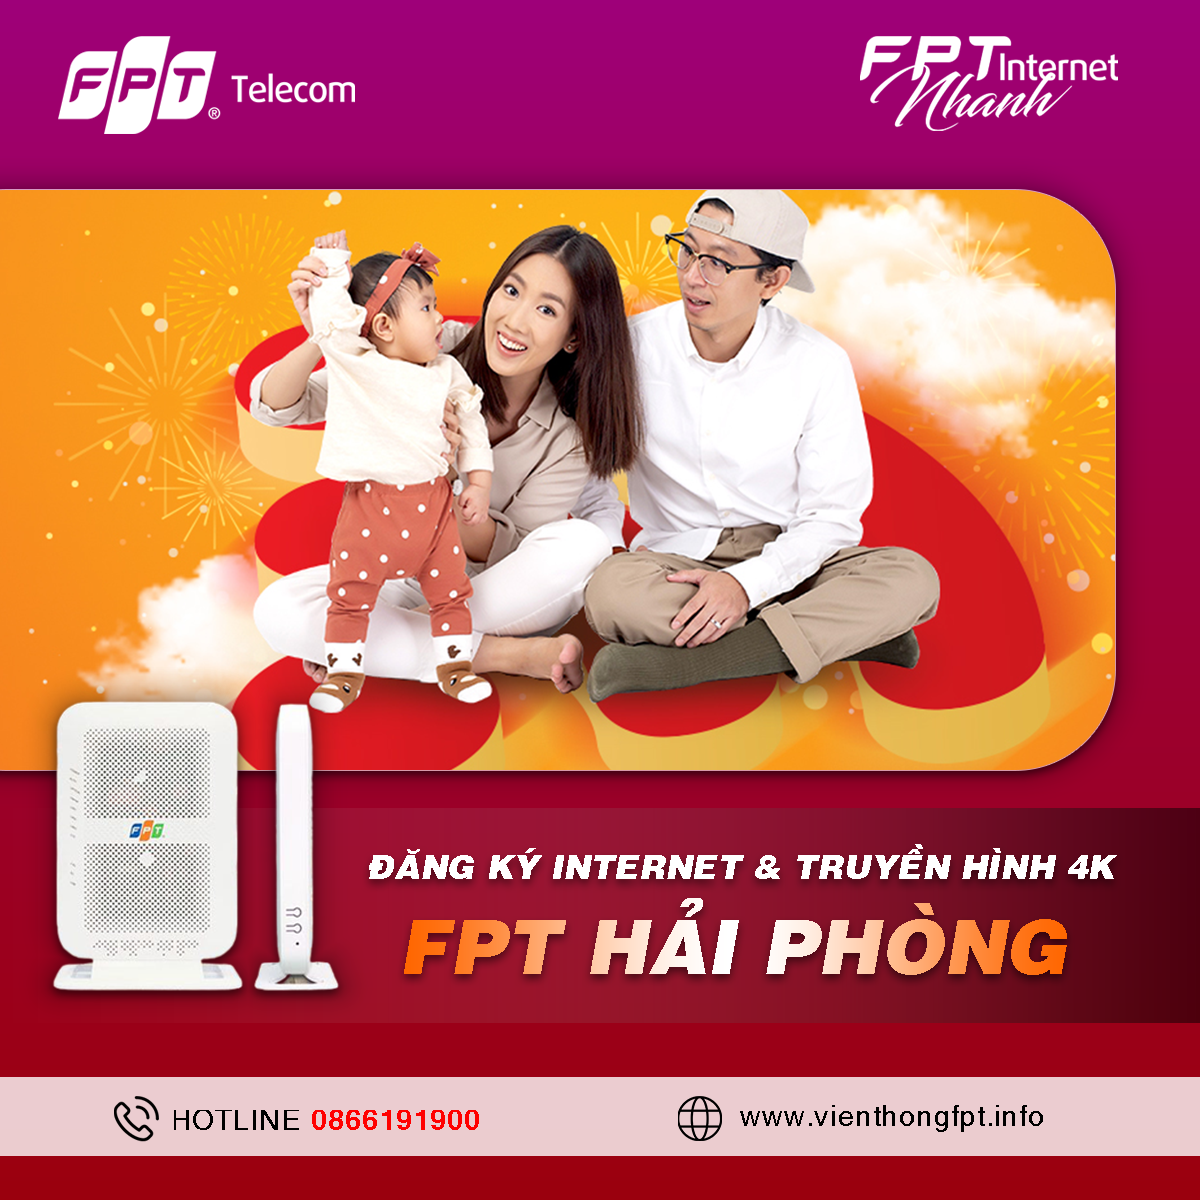 Đăng ký Internet FPT Hải Phòng - Miễn phí lắp đặt - Tặng 2 tháng cước